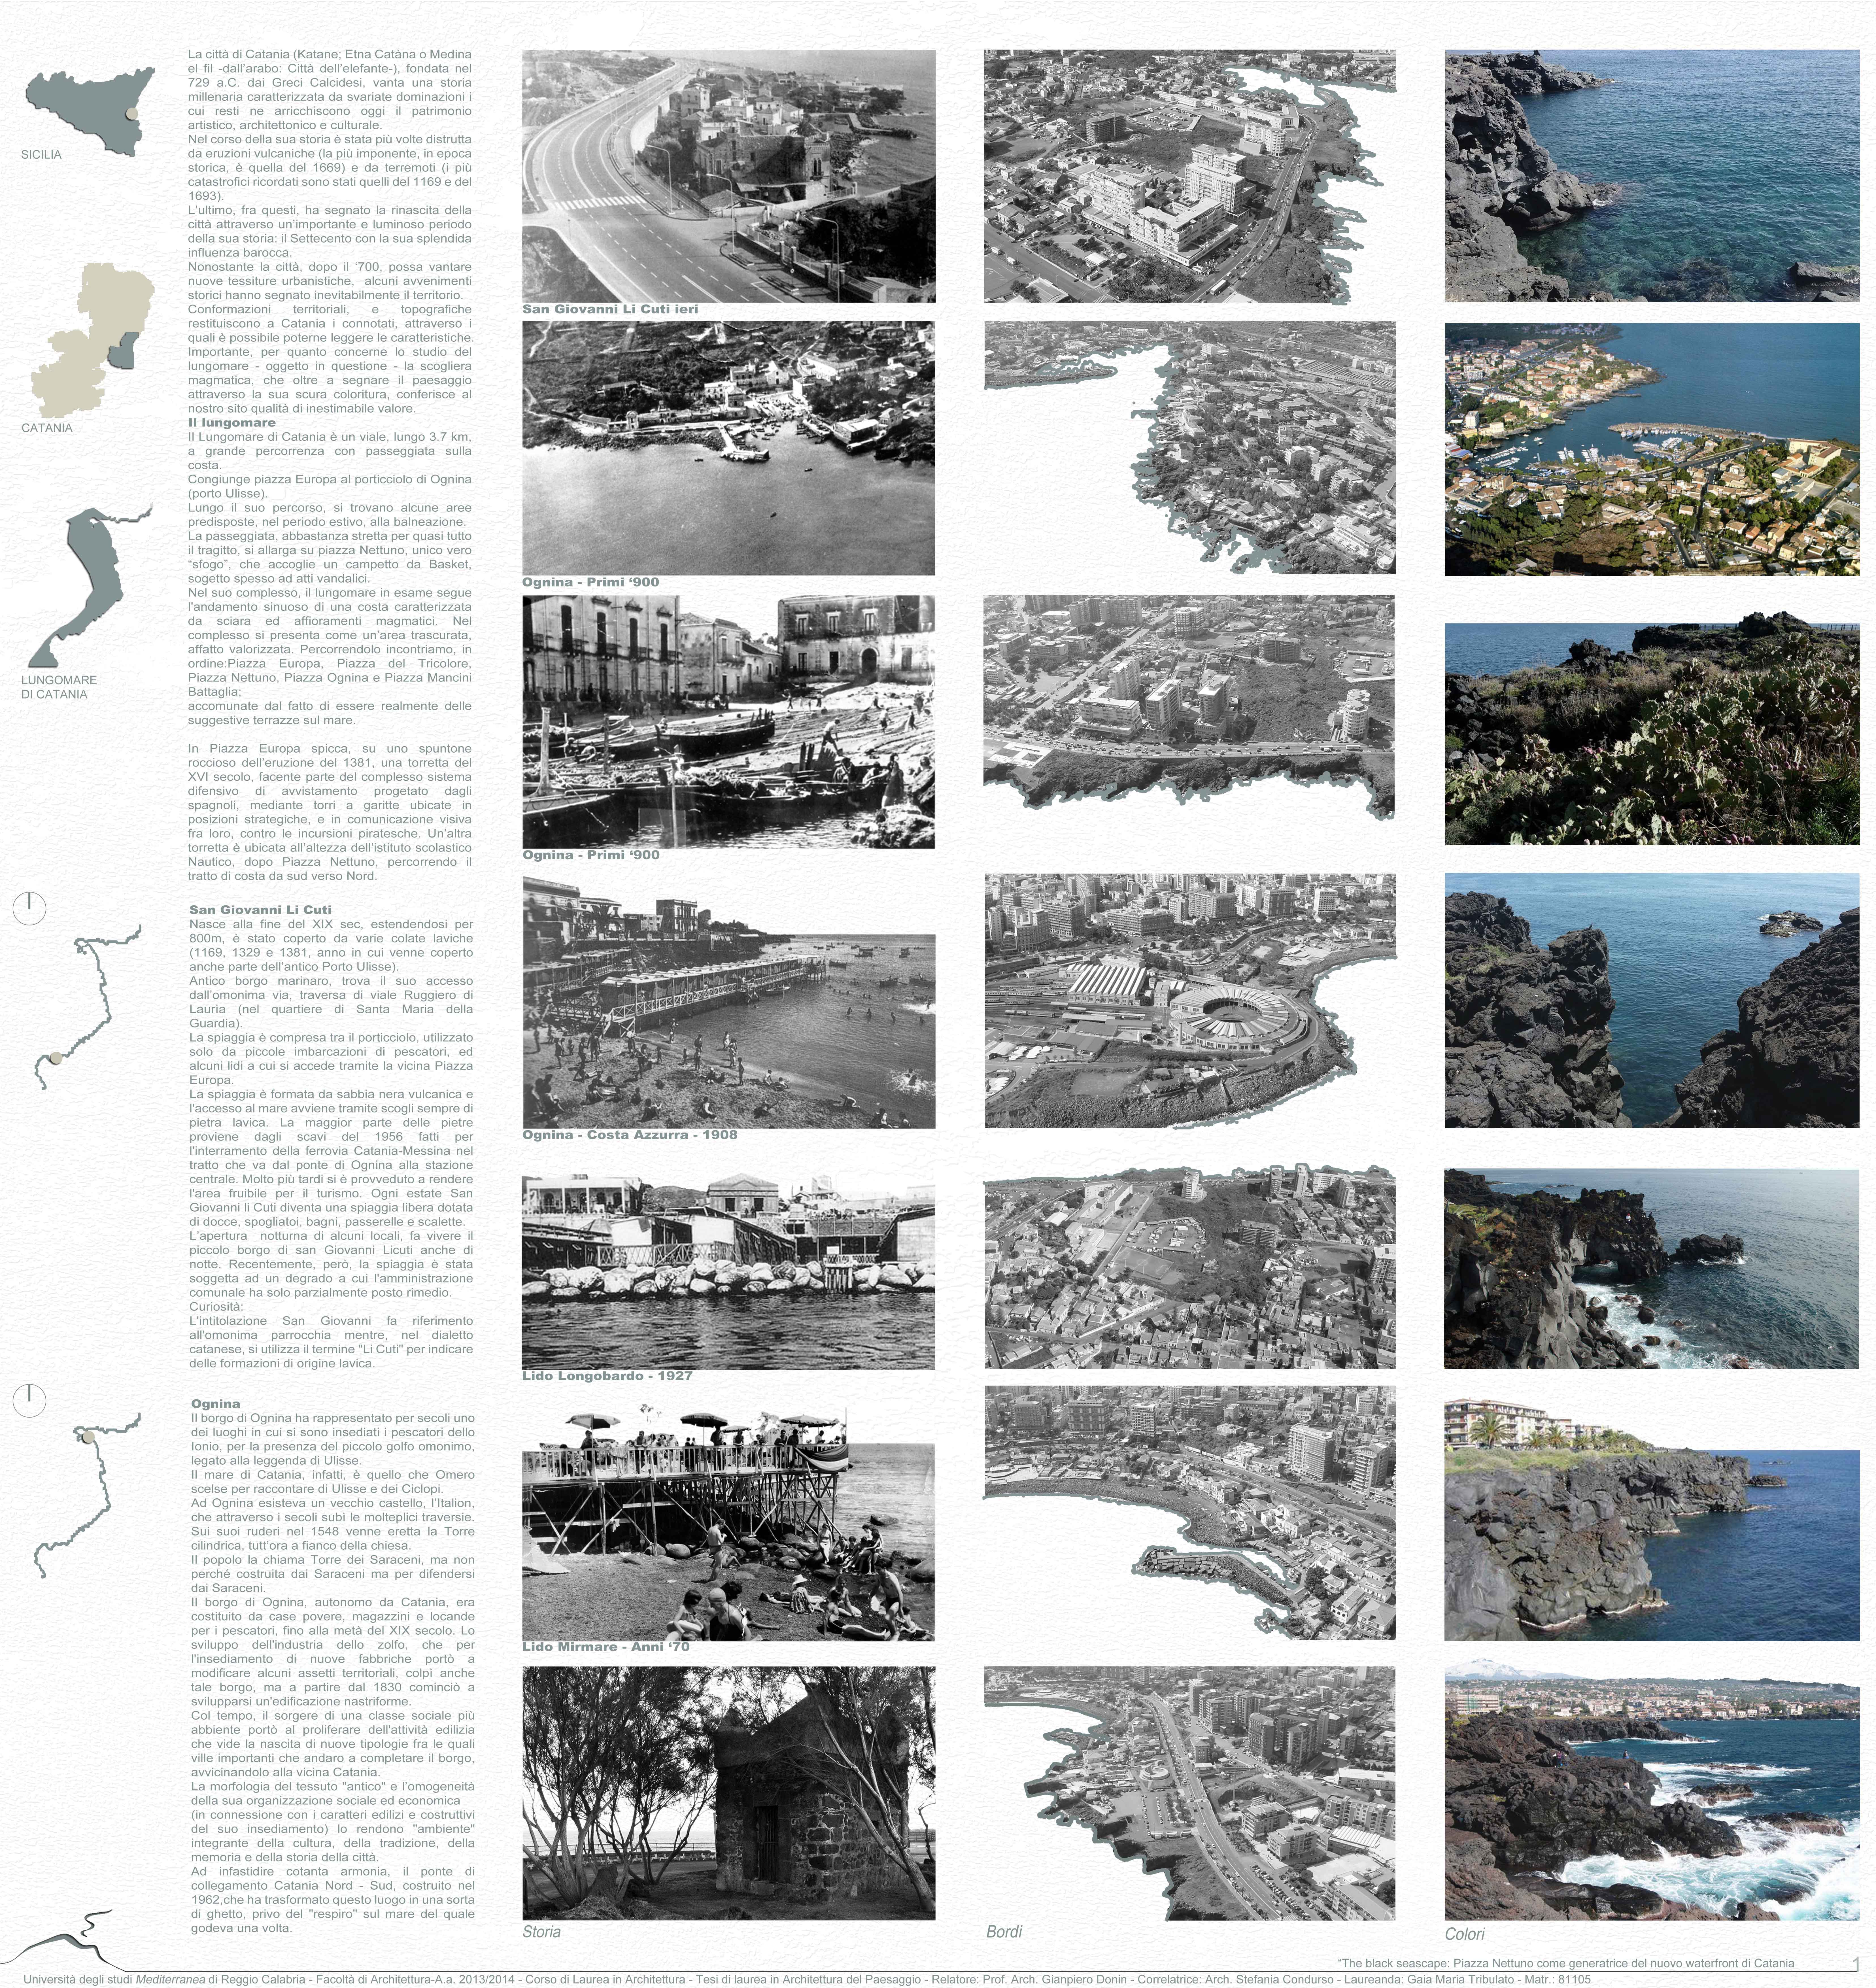 Anni 70 Colori thesis | architecture